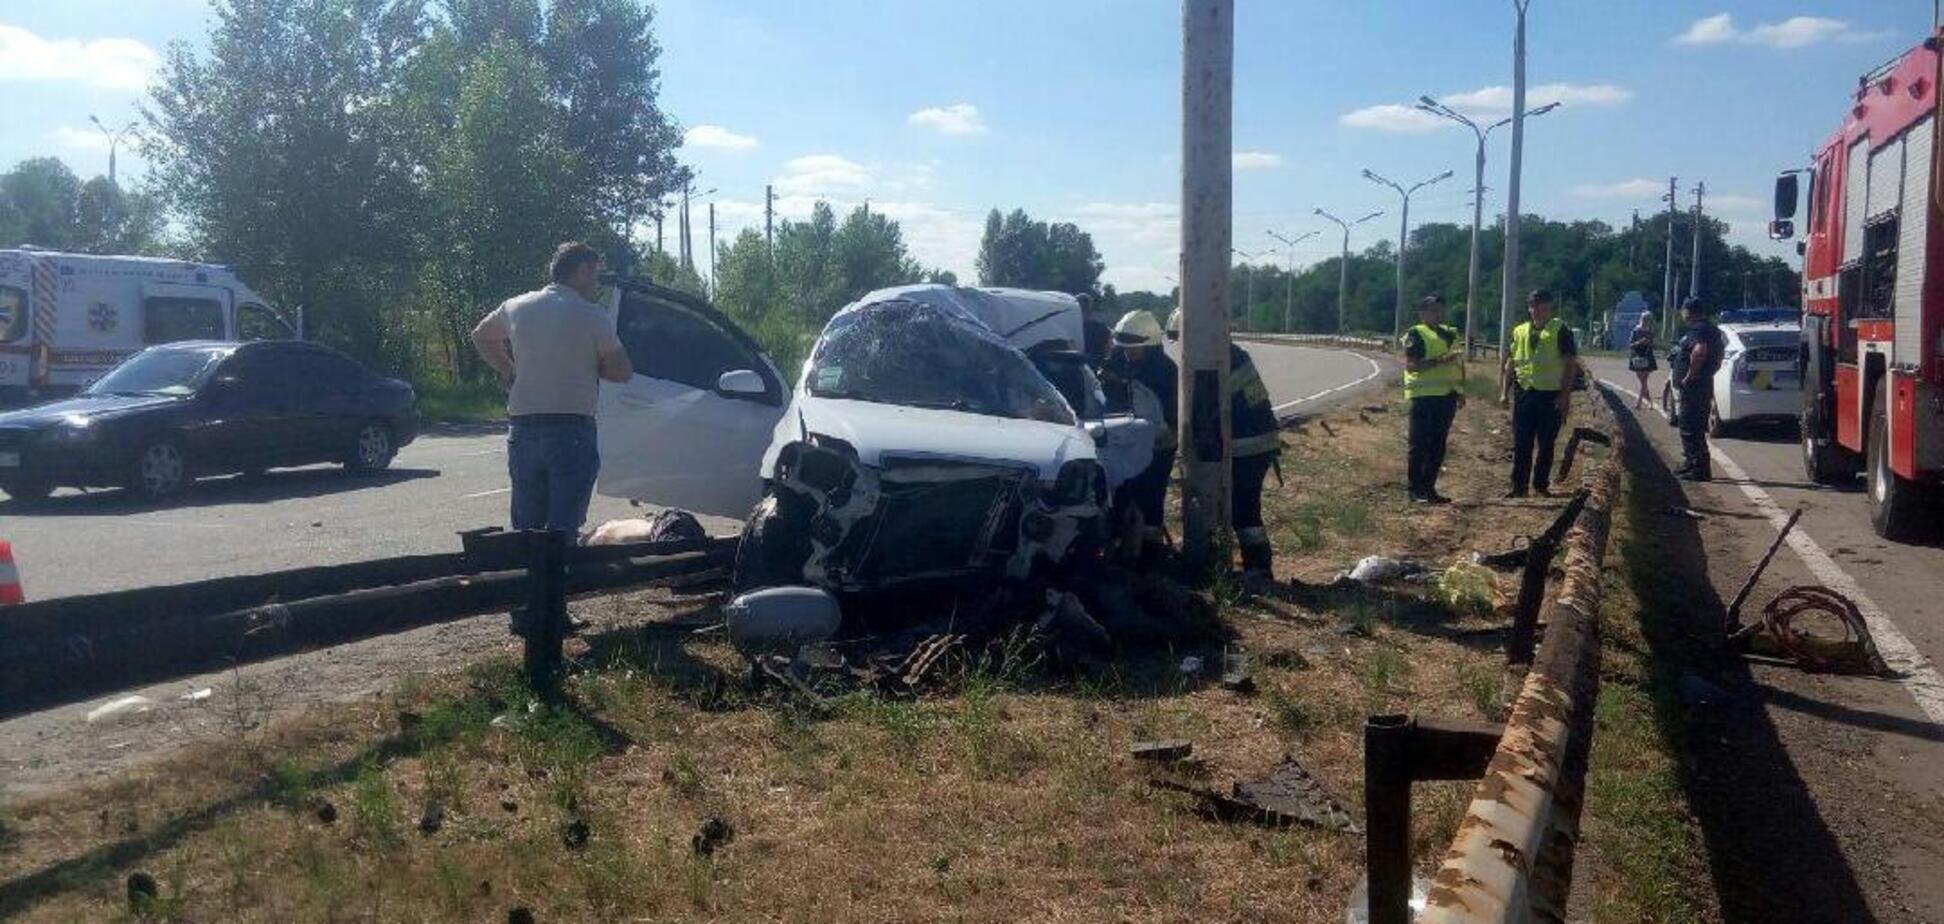 Погибли все: на трассе Днепр-Кобеляки произошло страшное ДТП